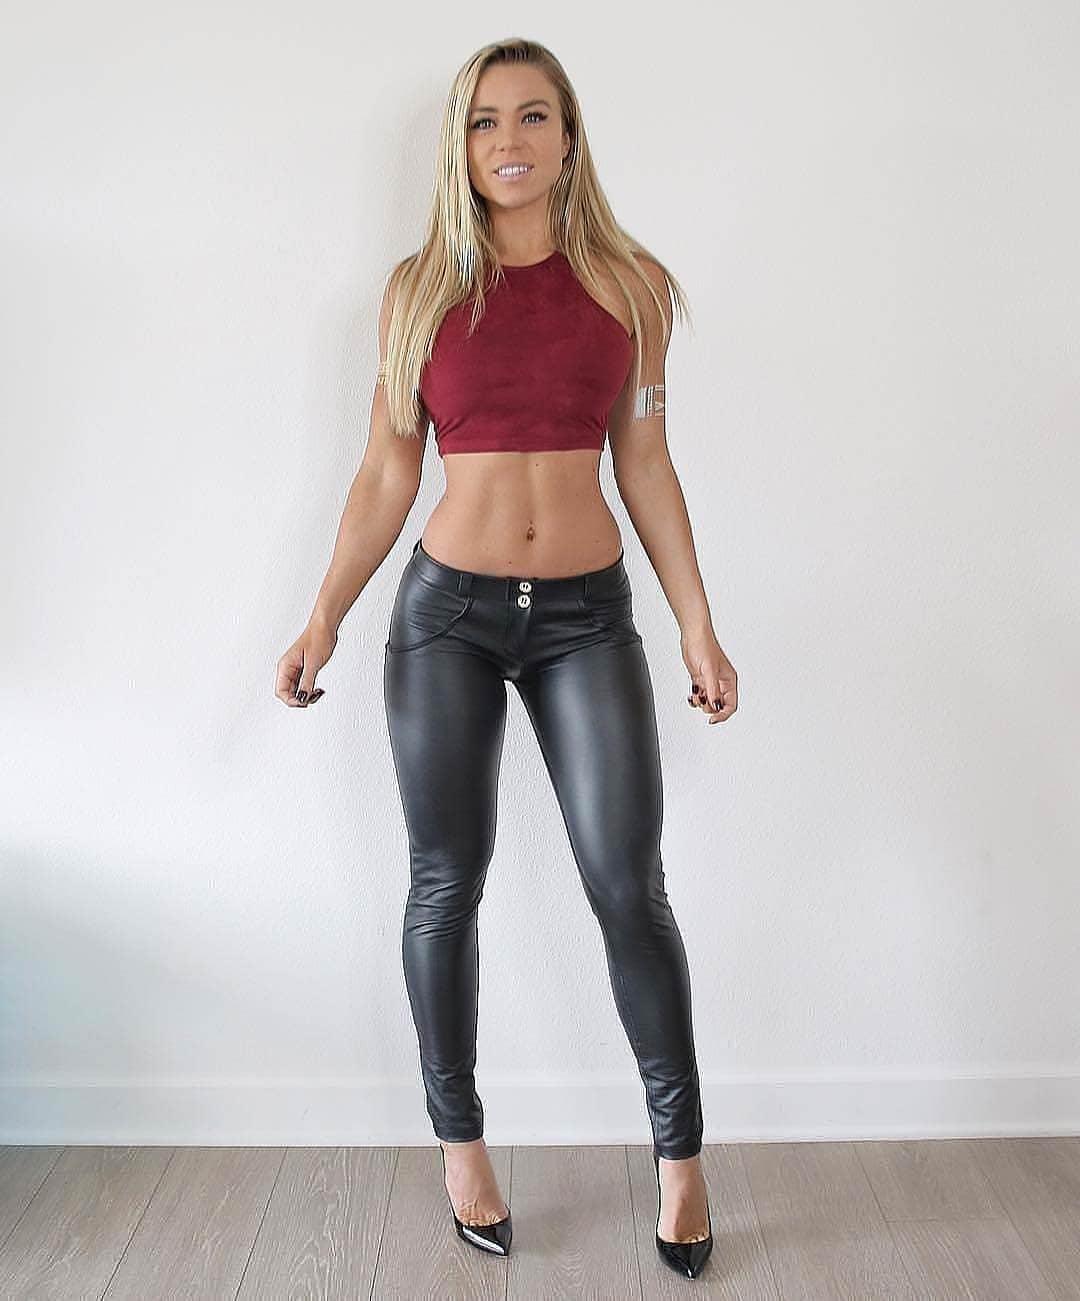 Shiny leggings fuck